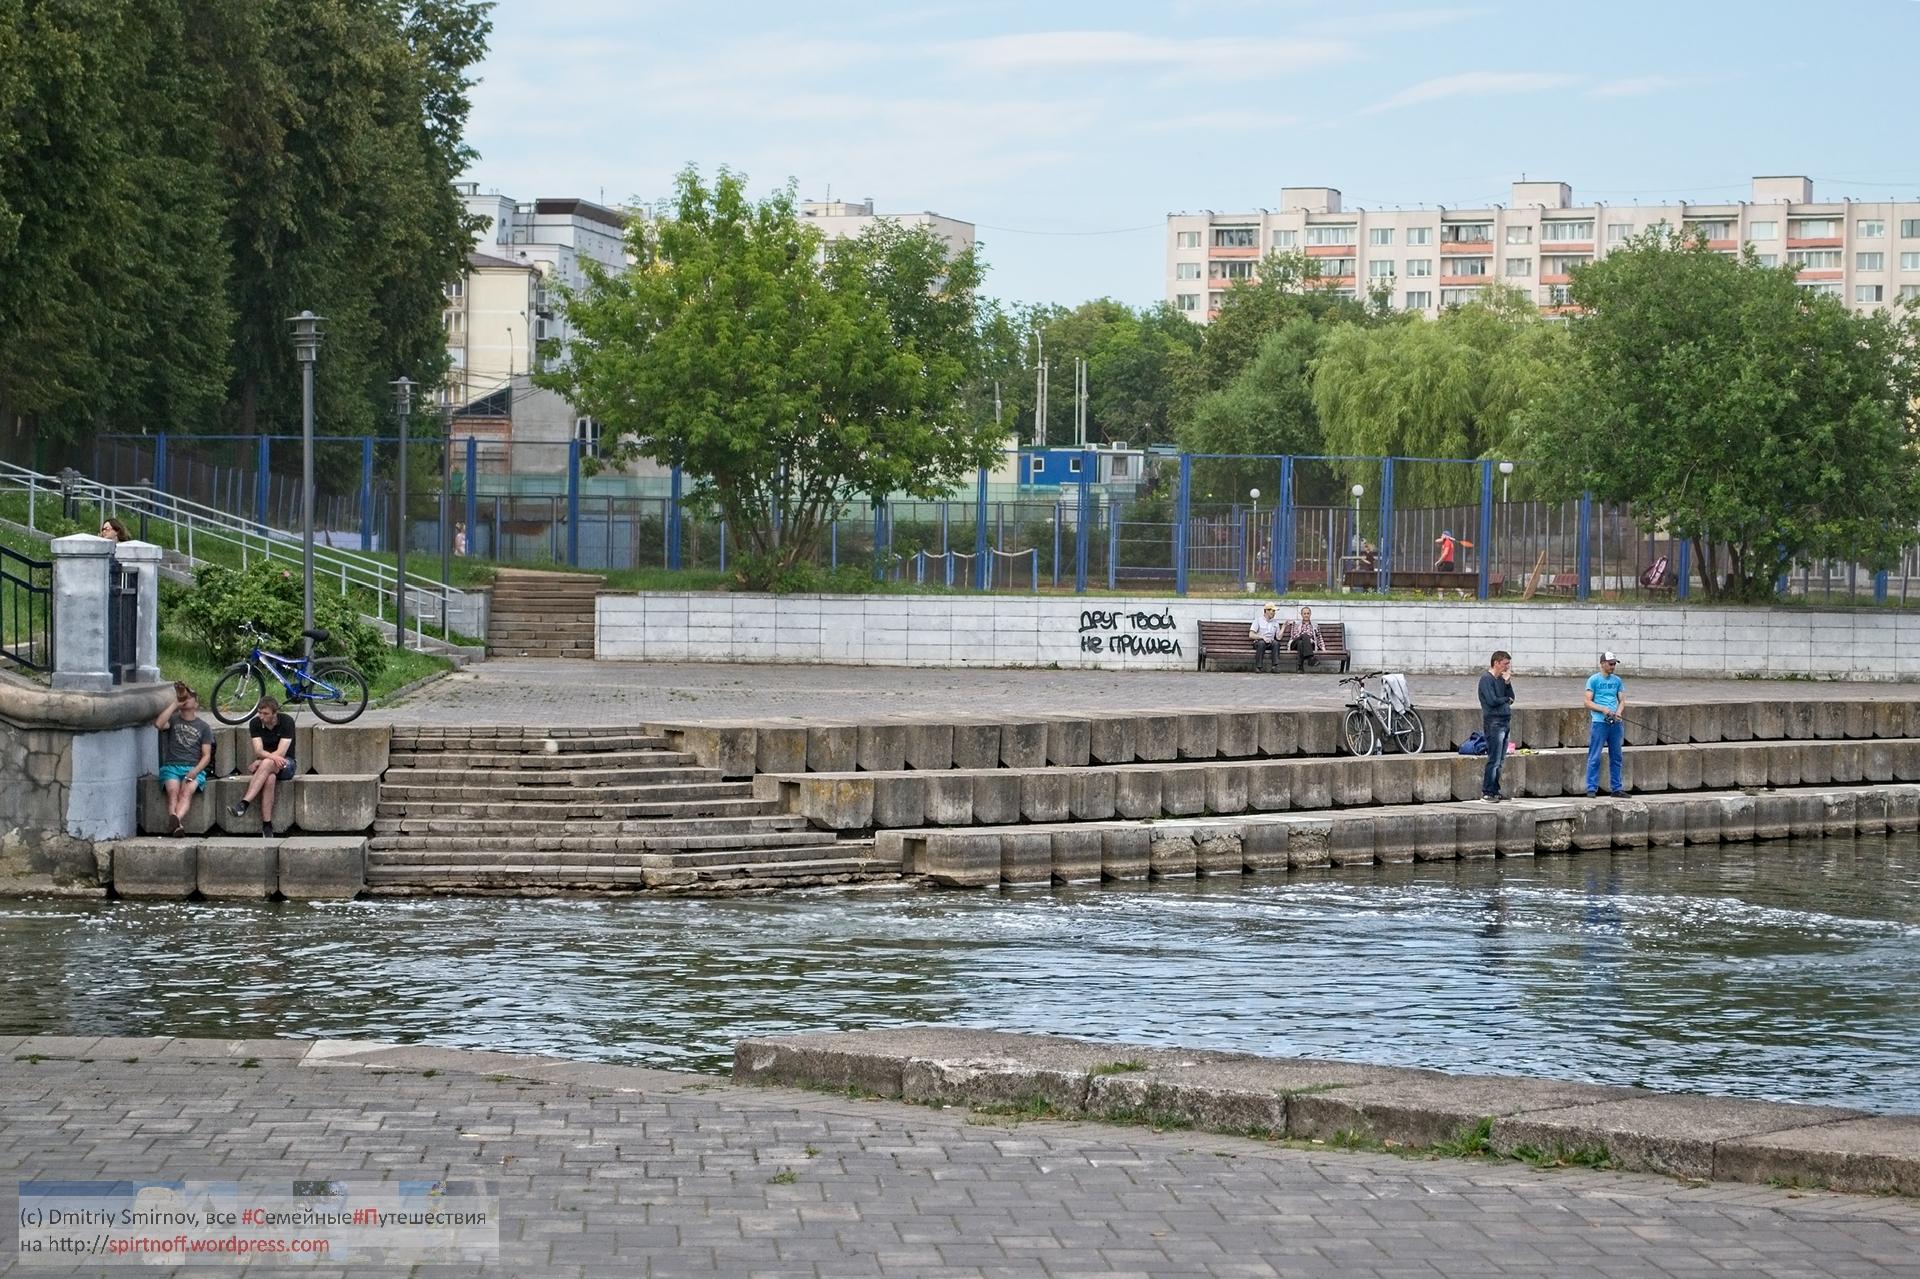 DSC_7110-11-Blog-2 Путешествия  Минск. Парк Победы